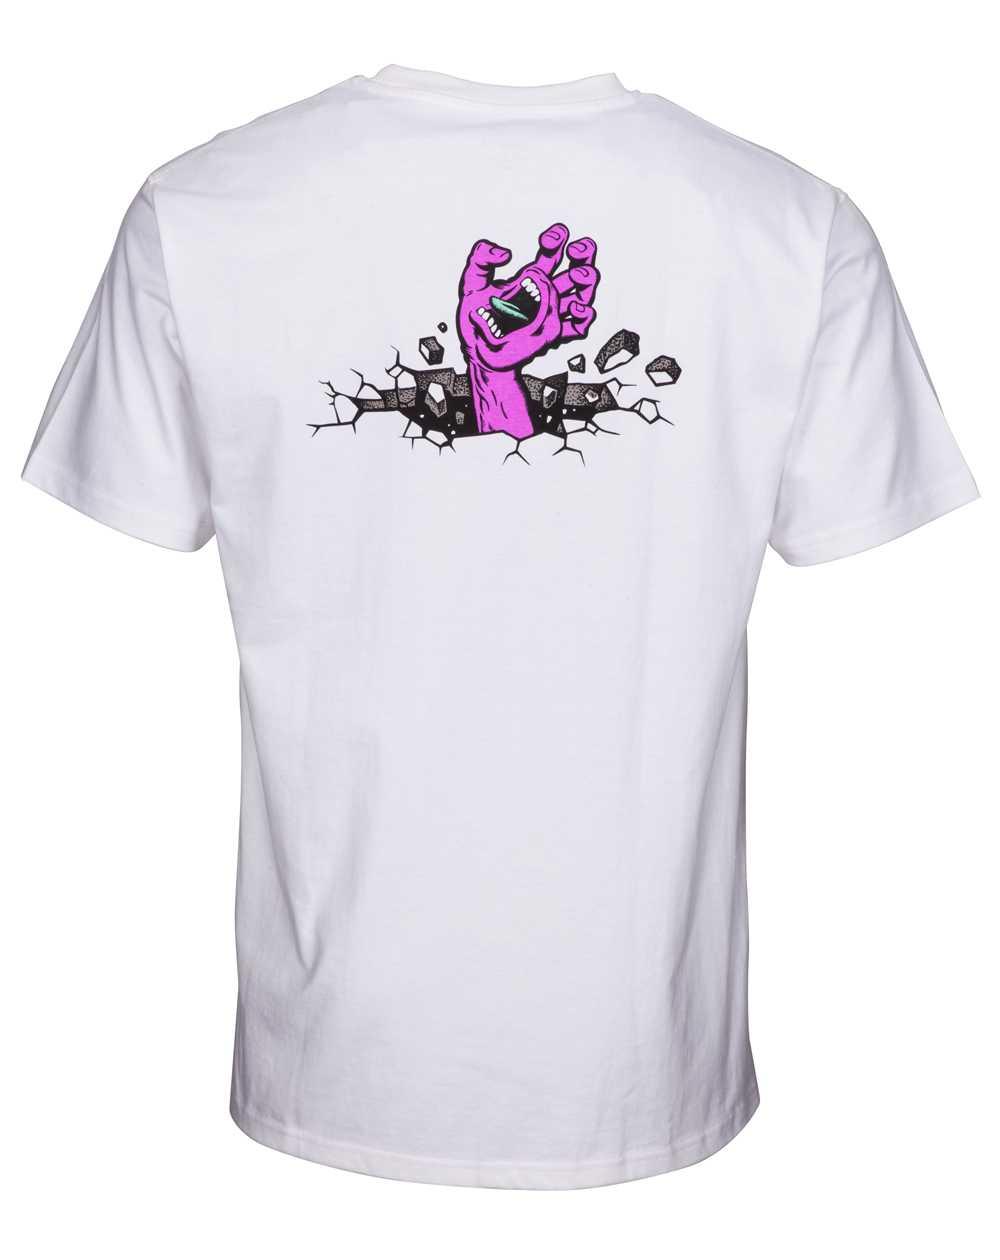 Santa Cruz Herren T-Shirt Hand Wall White